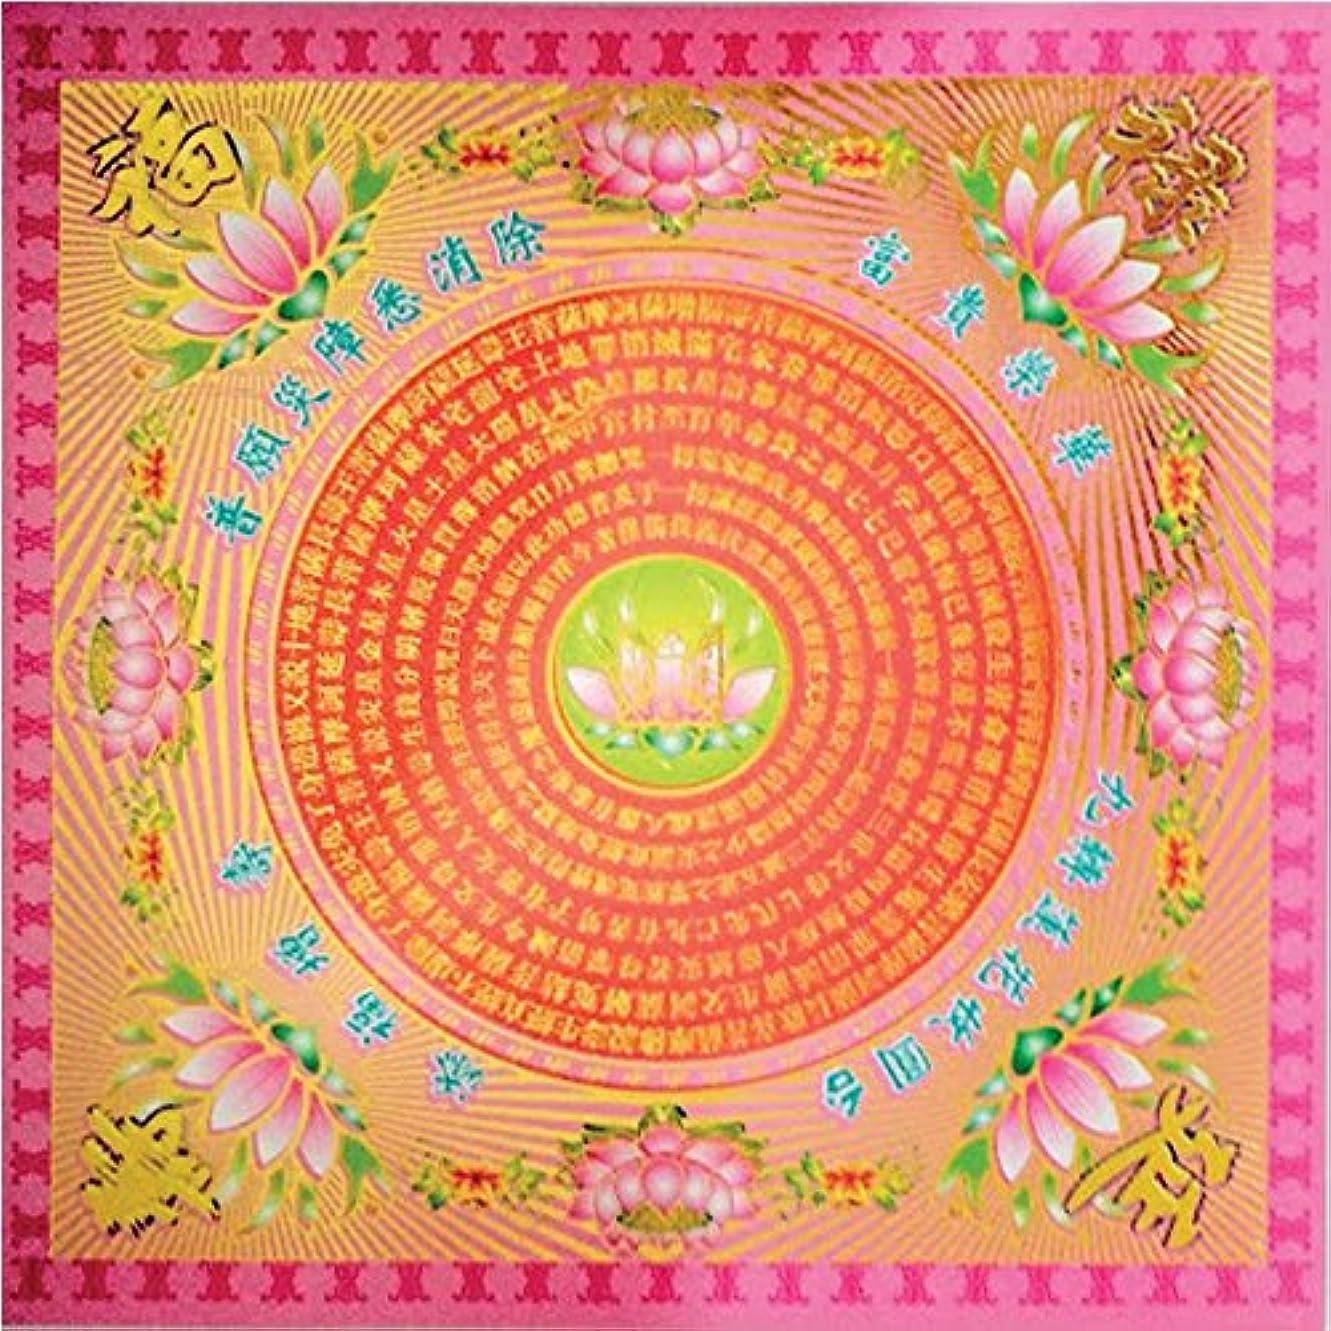 水っぽいキロメートル膜50個Incense用紙/ Joss用紙pink-goldSサイズの祖先Praying 7.5インチx 7.5インチ